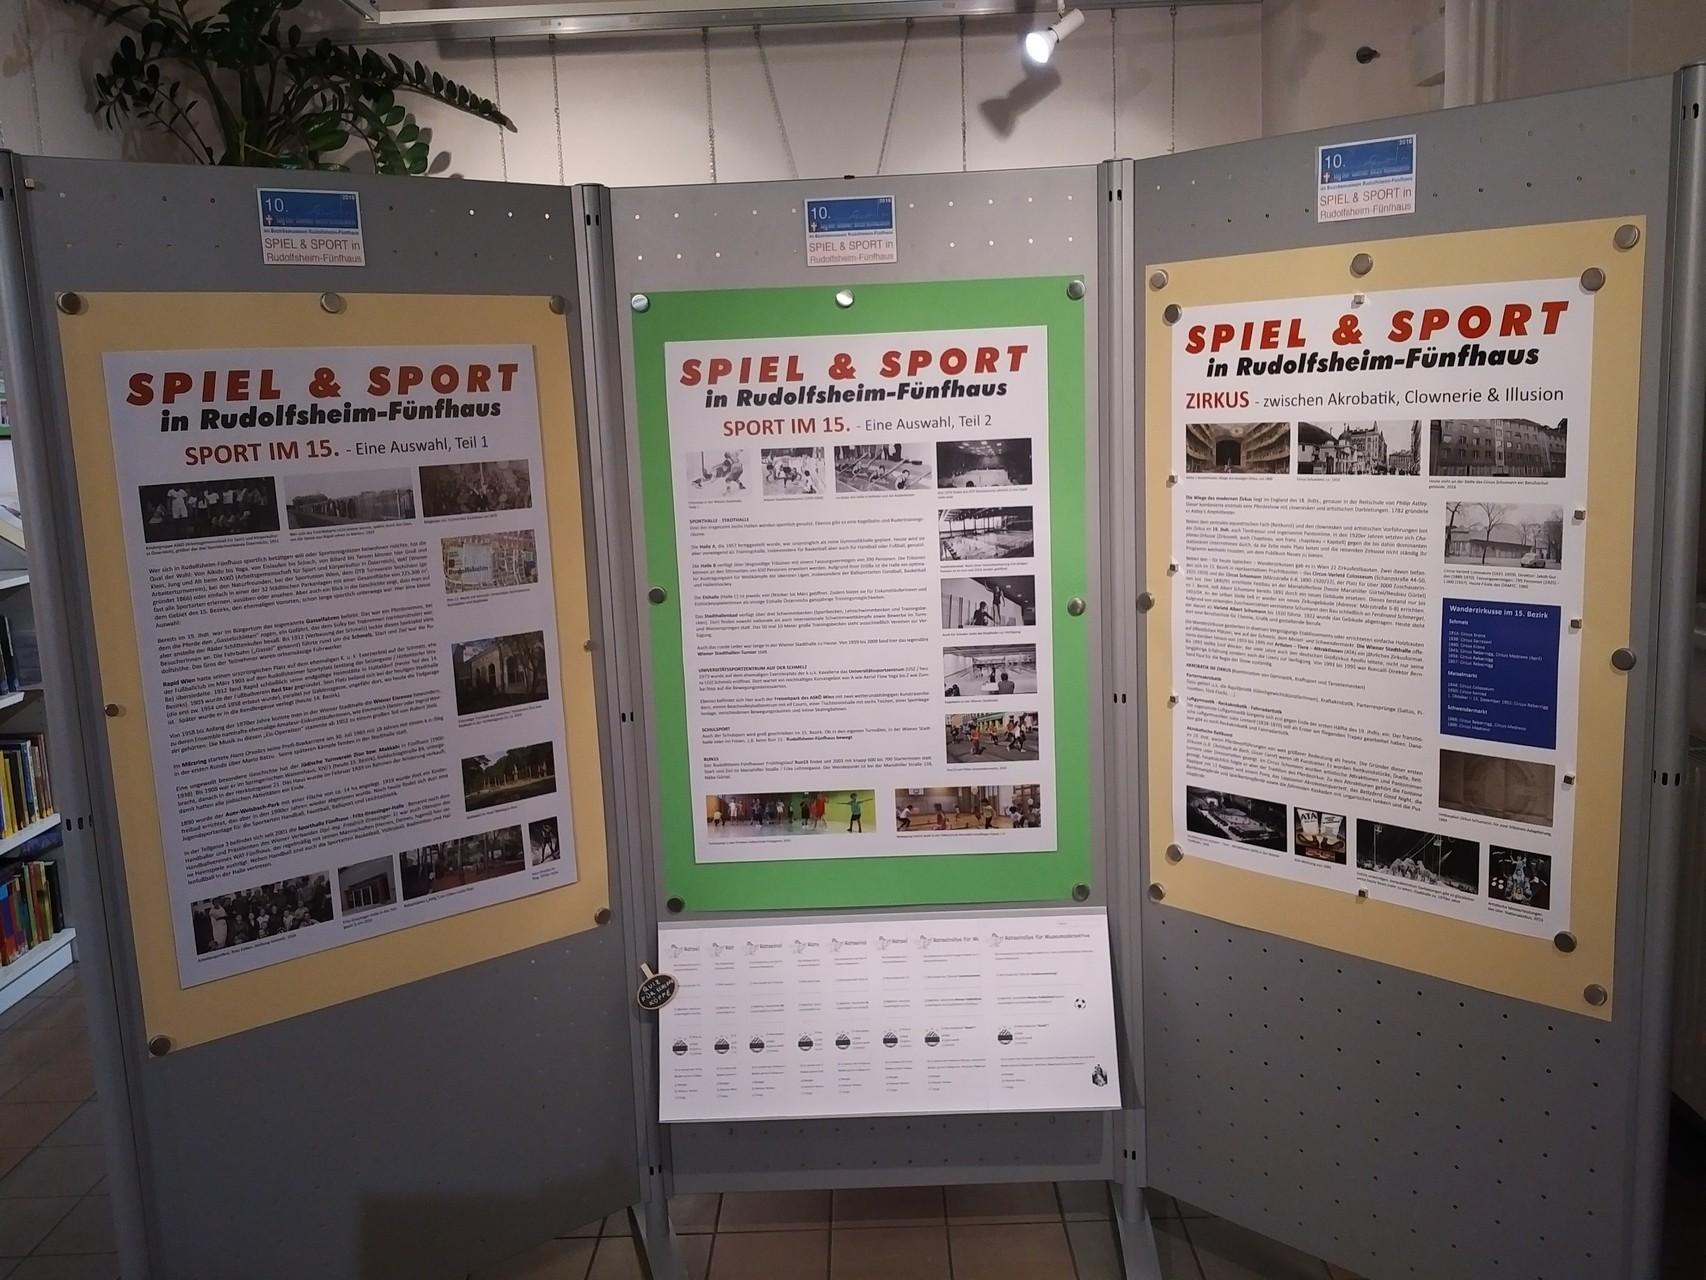 """Im Museum finden Sie viele Informationen zum Thema """"Spiel & Sport in Rudolfsheim-Fünfhaus""""."""